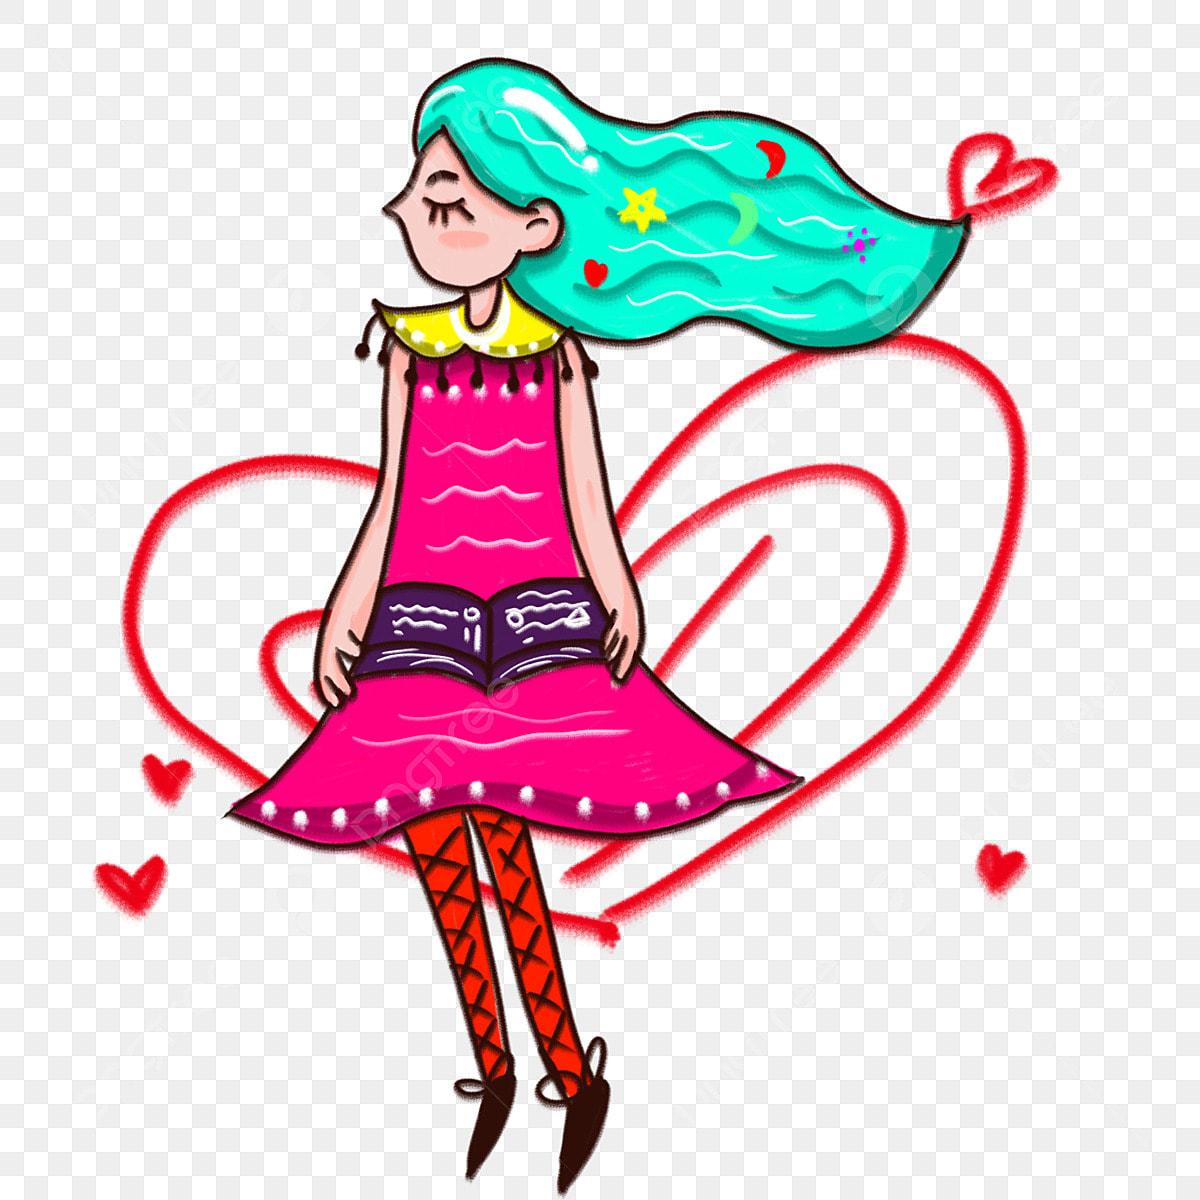 青い髪の漫画かわいい女の子イラスト女の子 花 可愛い 可愛い 青い髪の漫画かわいい女の子イラスト女の子 花 帽子画像とpsd素材ファイルの無料ダウンロード Pngtree